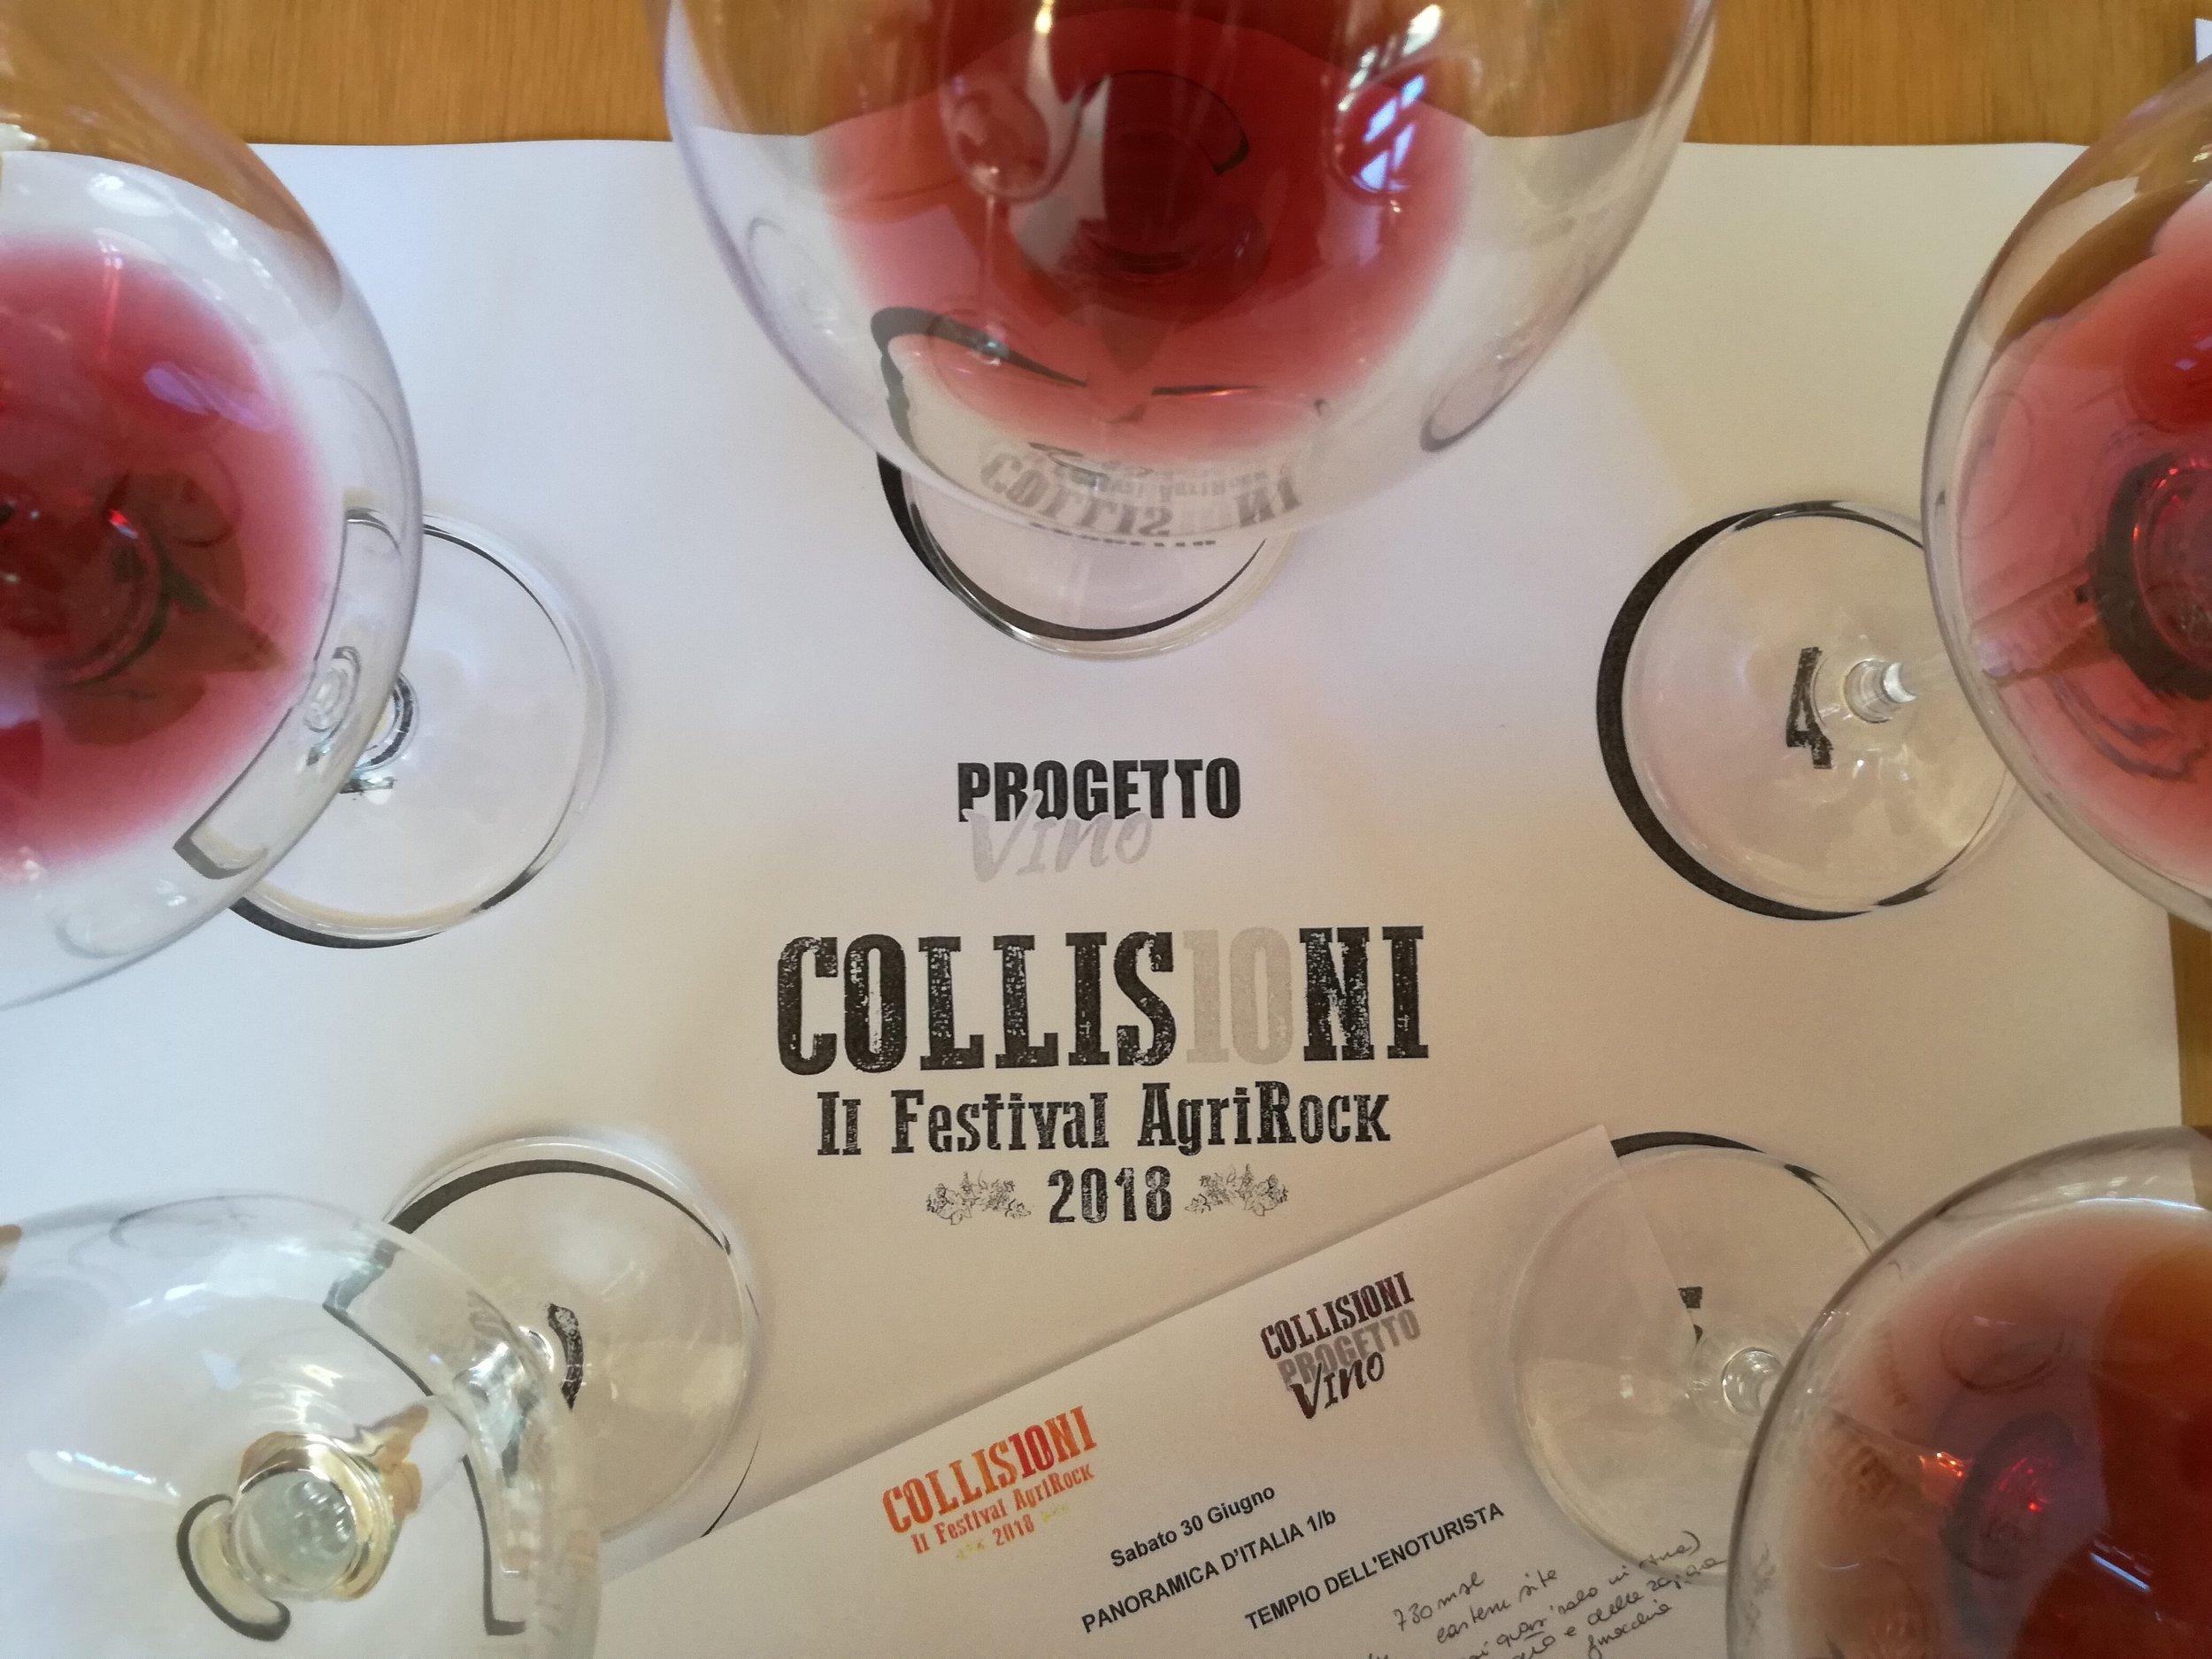 Progetto-Vino-Collisioni-2018-Degustazione.jpg